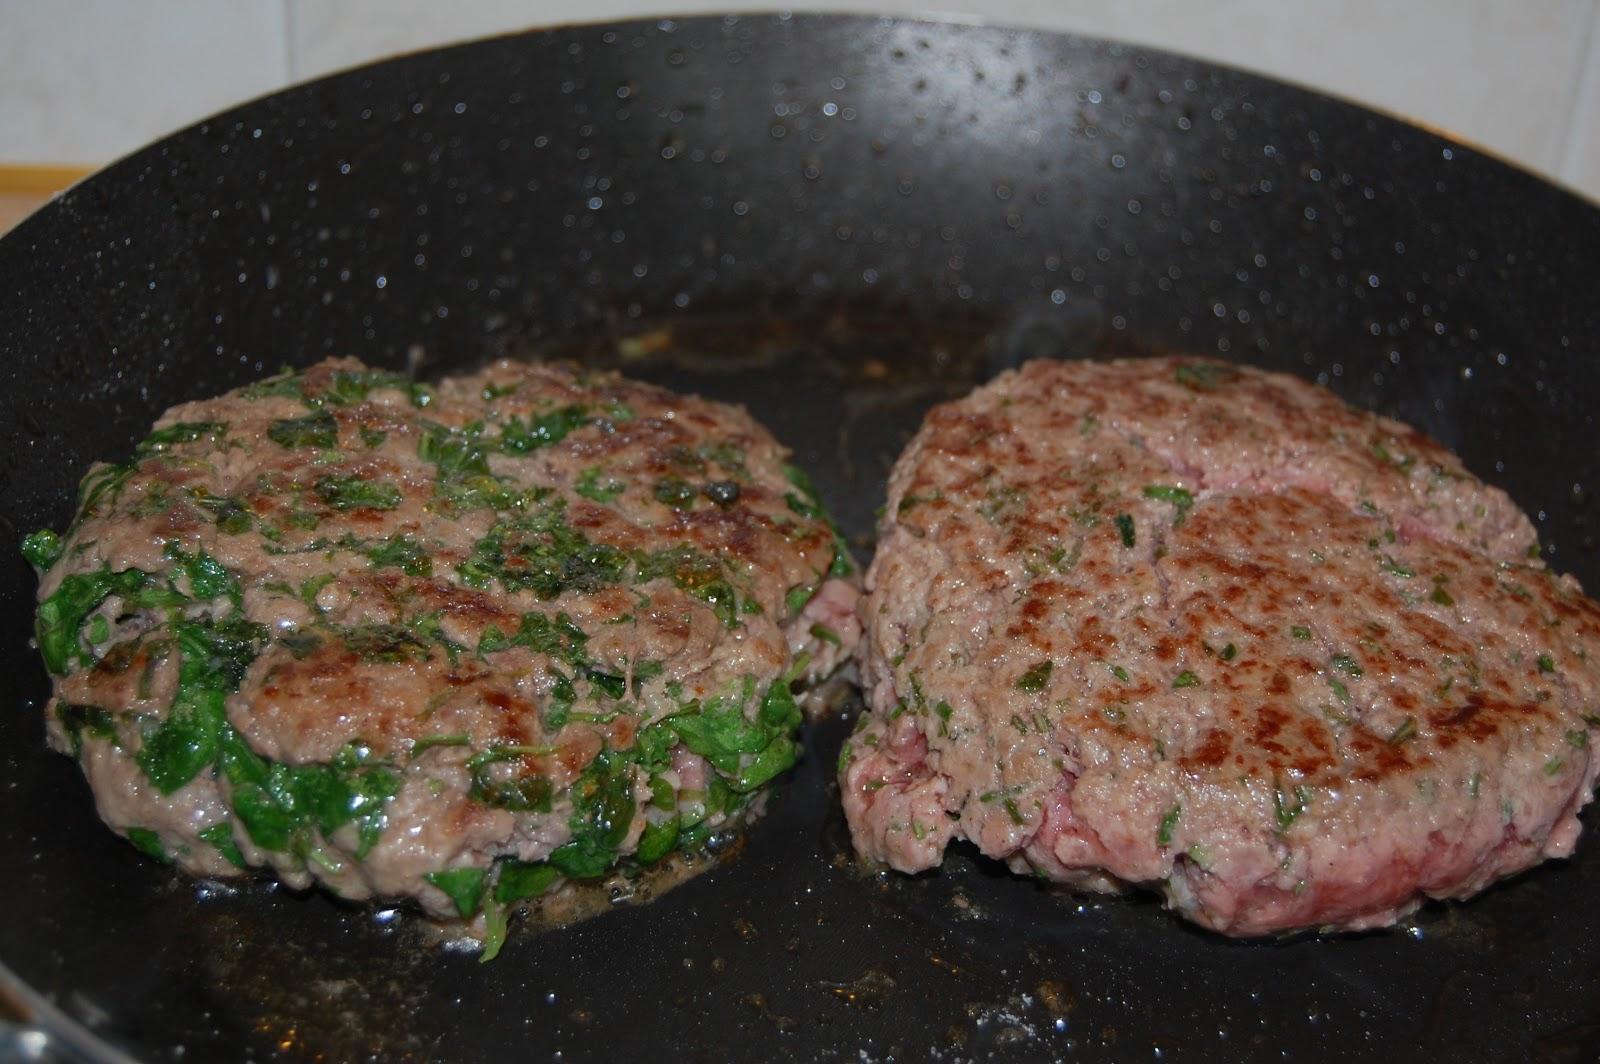 5 mettere gli hamburger in padella e lasciare cuocere a piacimento